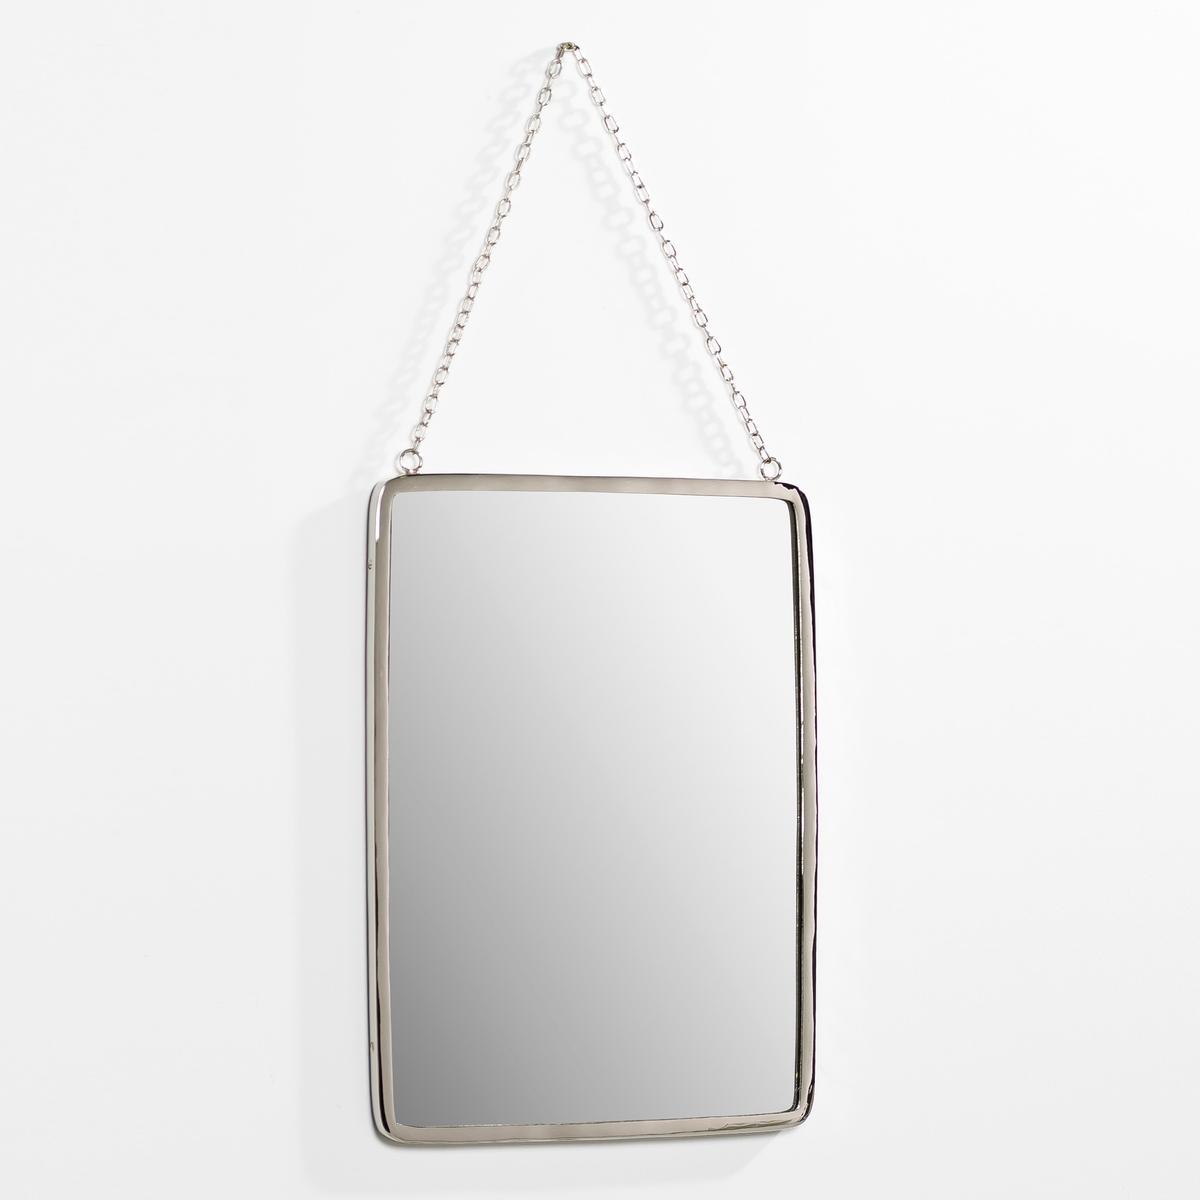 Зеркало La Redoute Прямоугольное большой размер Д37 x В52 см Barbier единый размер другие зеркало la redoute прямоугольное большой размер д x в см barbier единый размер другие